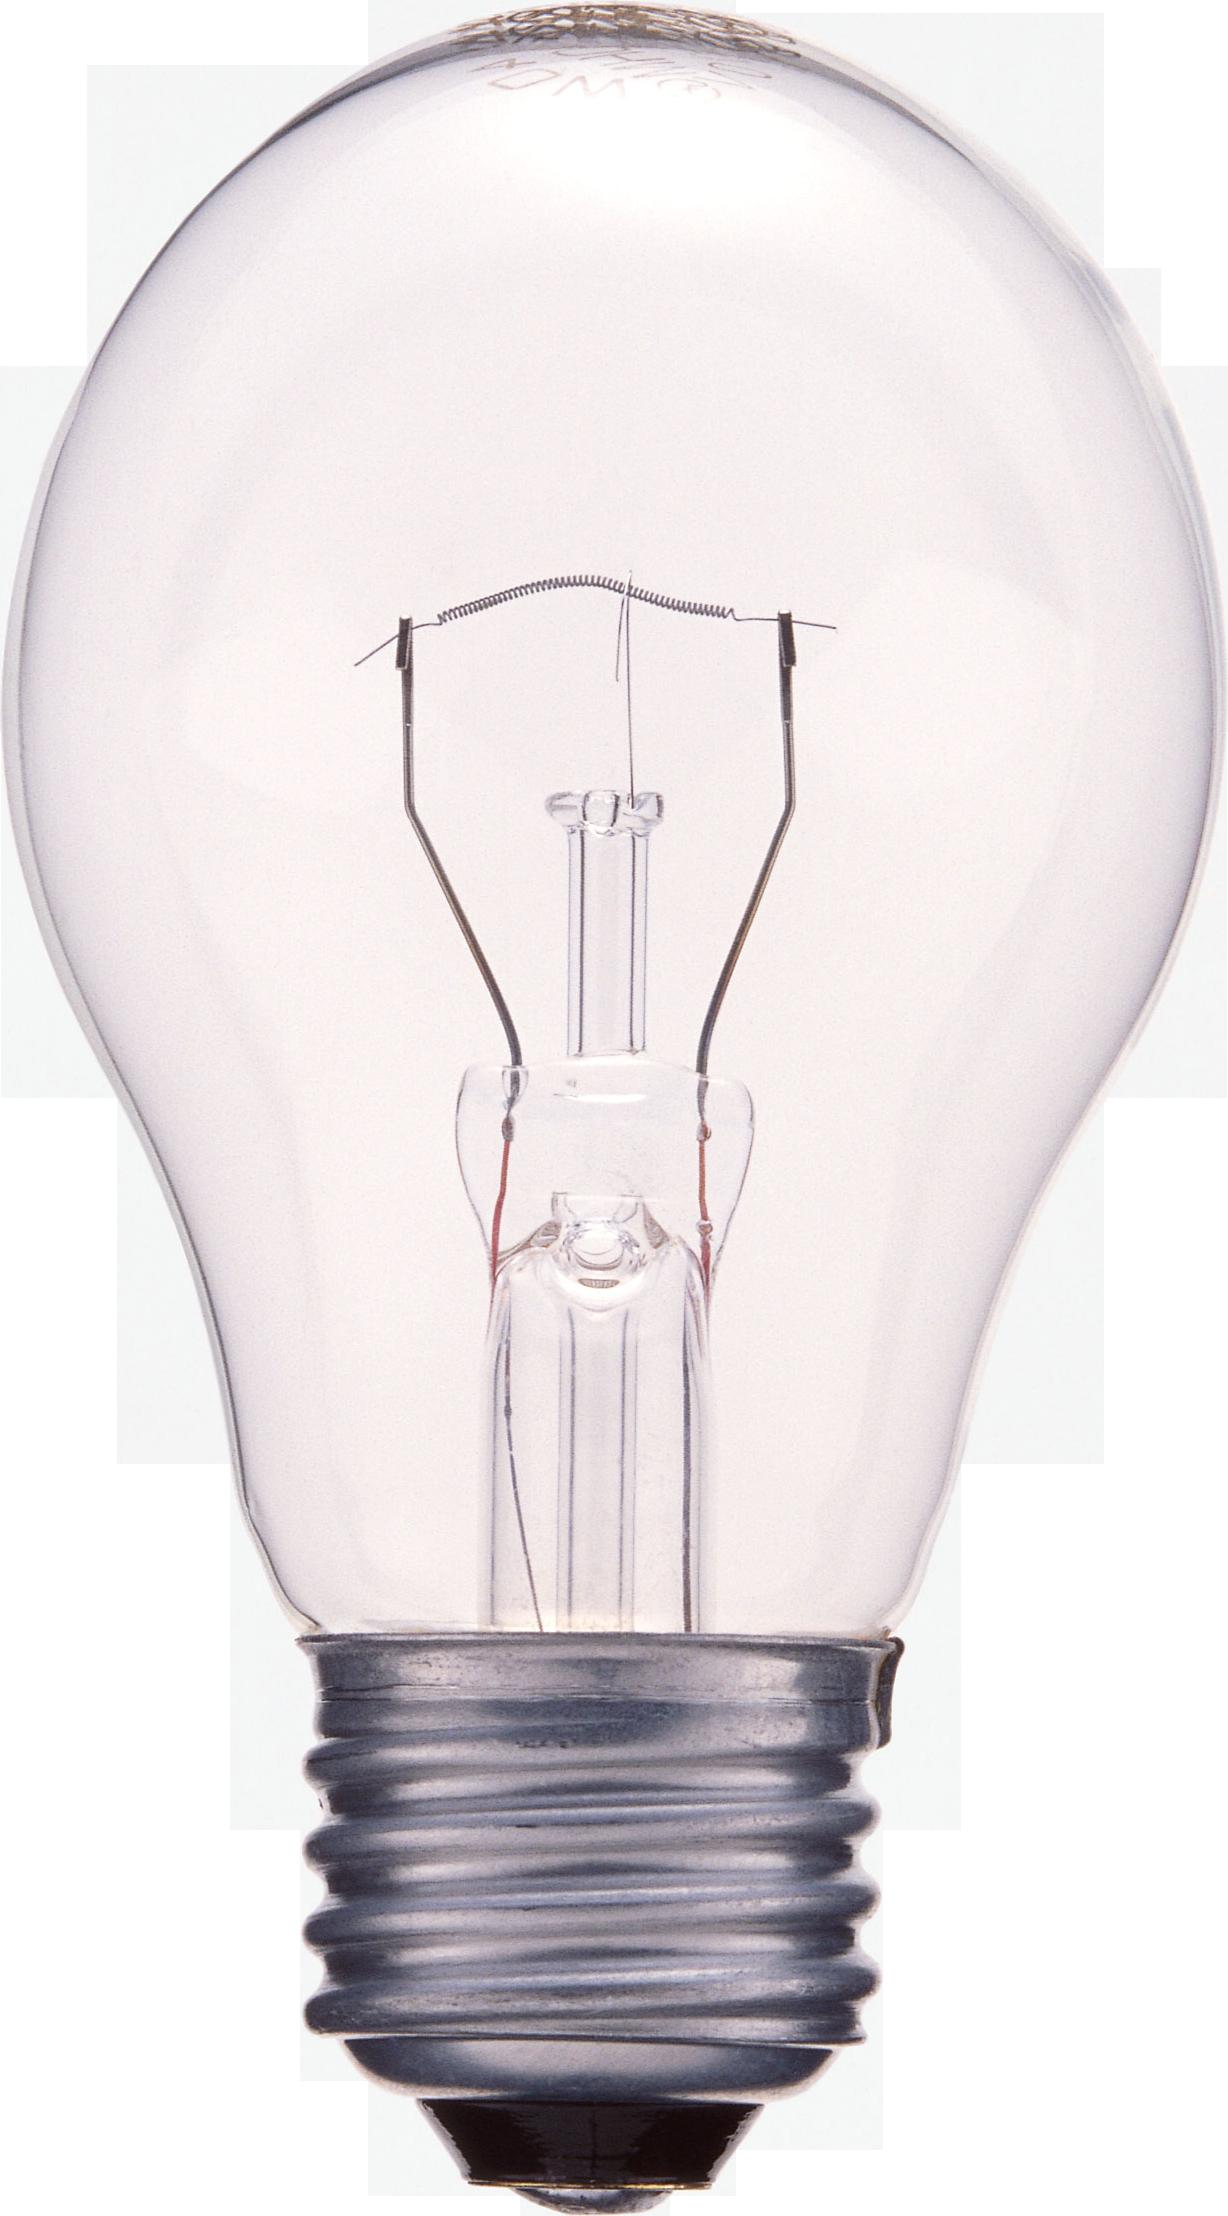 Lamp Png Image Metal Lamp Electric Lighter Lamp